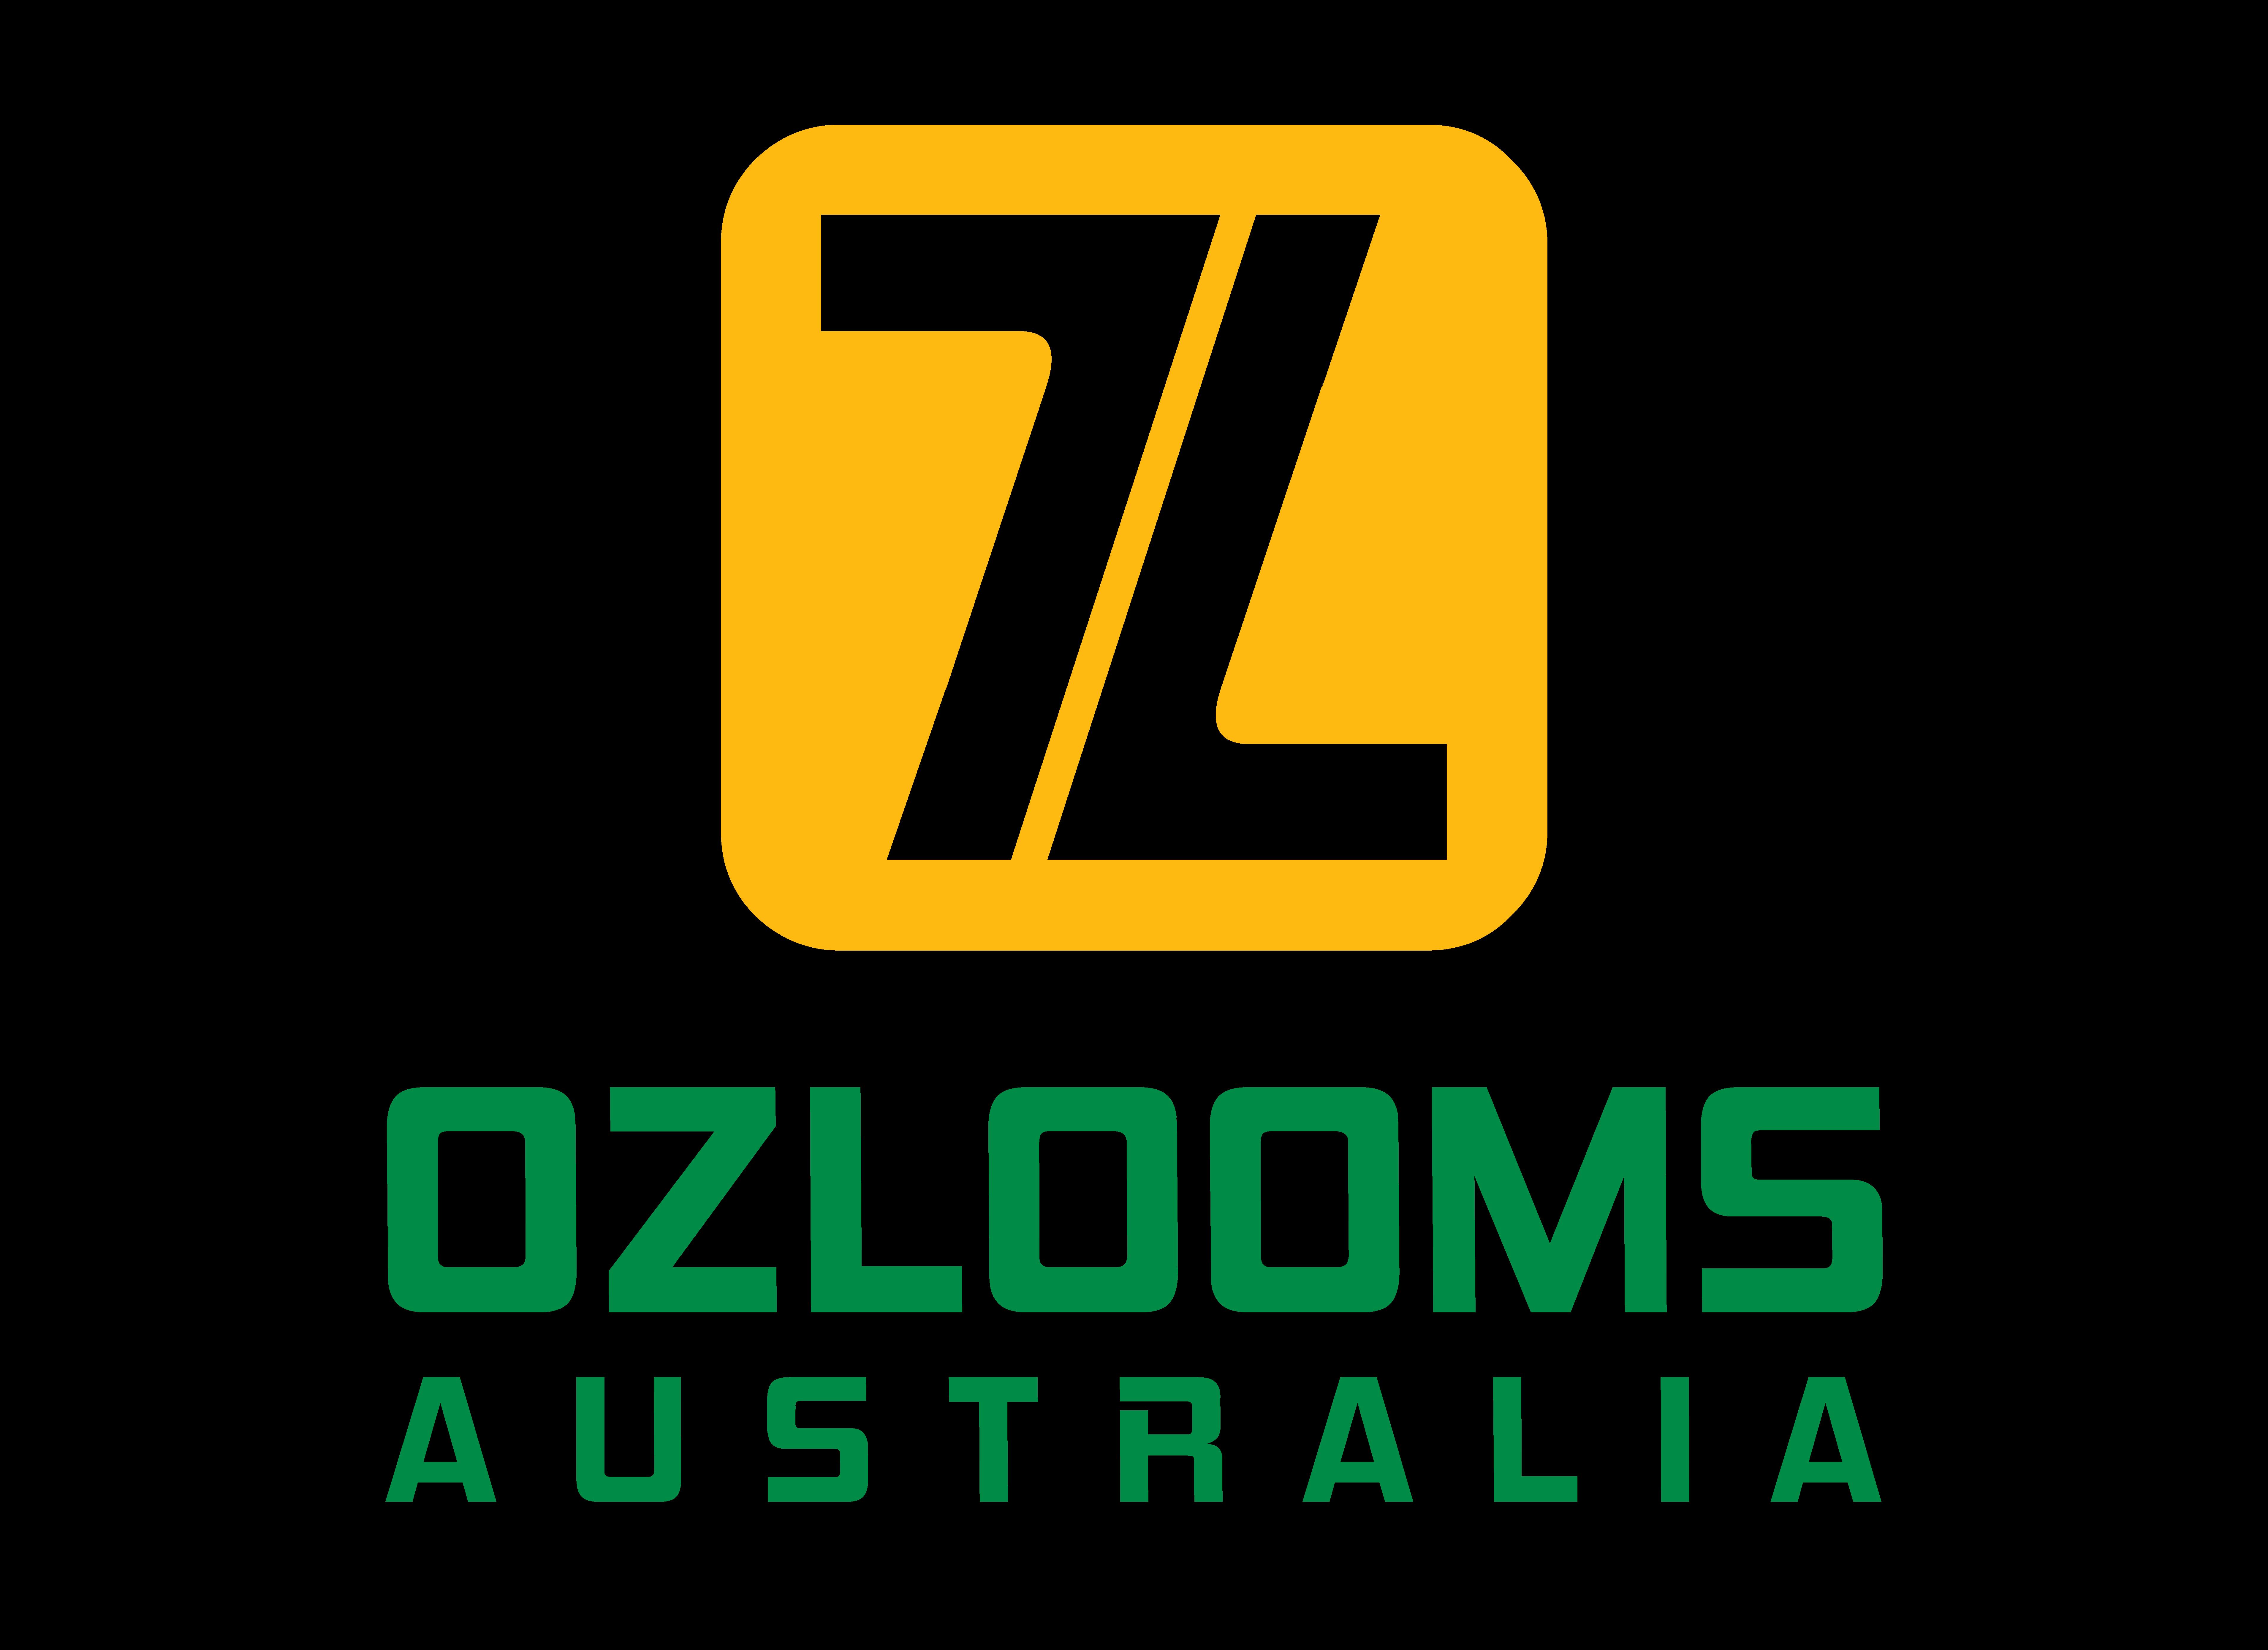 OZLOOMS